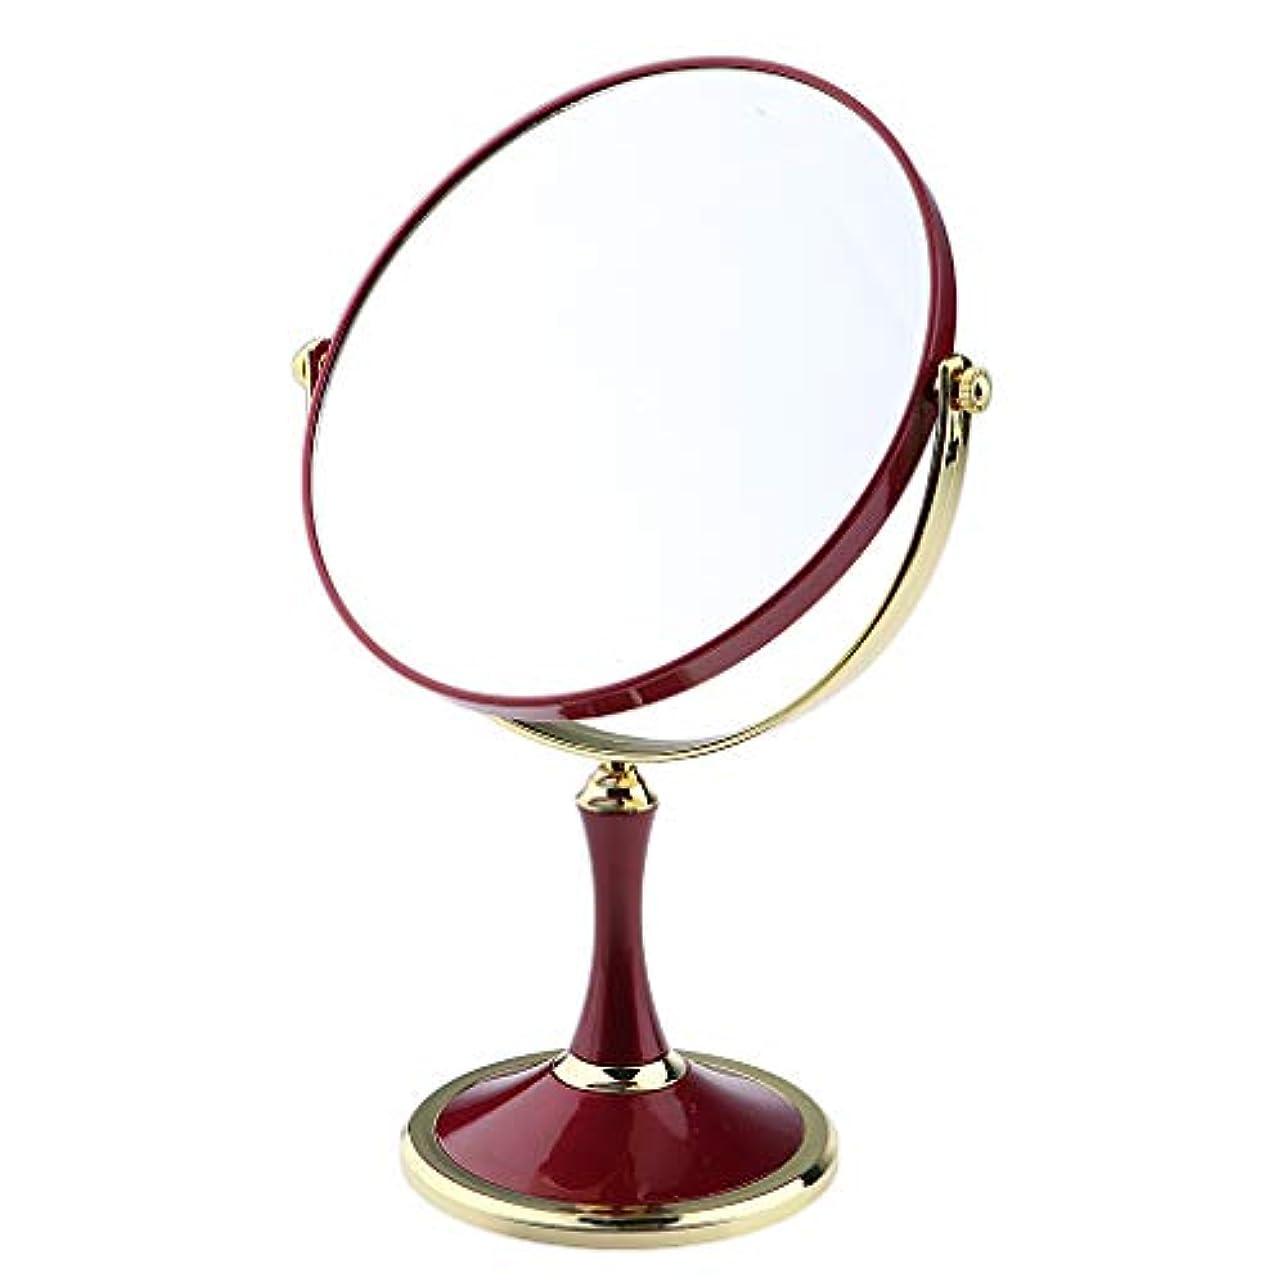 メッシュ追跡粘液化粧鏡 スタンド 卓上ミラー メイクアップミラー メイクミラー 拡大鏡 360度回転 2色選べ - 赤